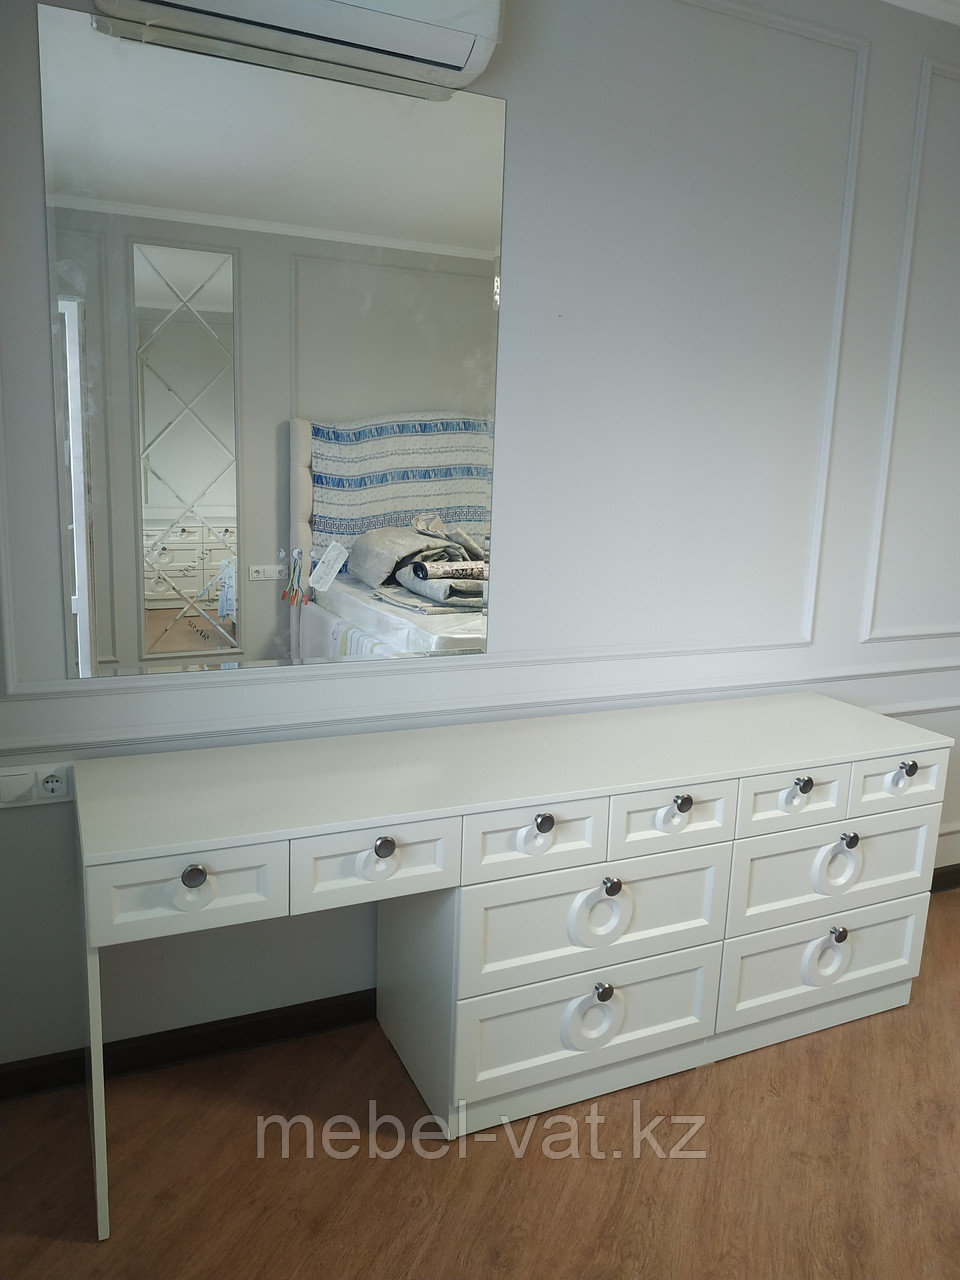 Спальный гарнитур: шкаф, стол-комод, тумбочки